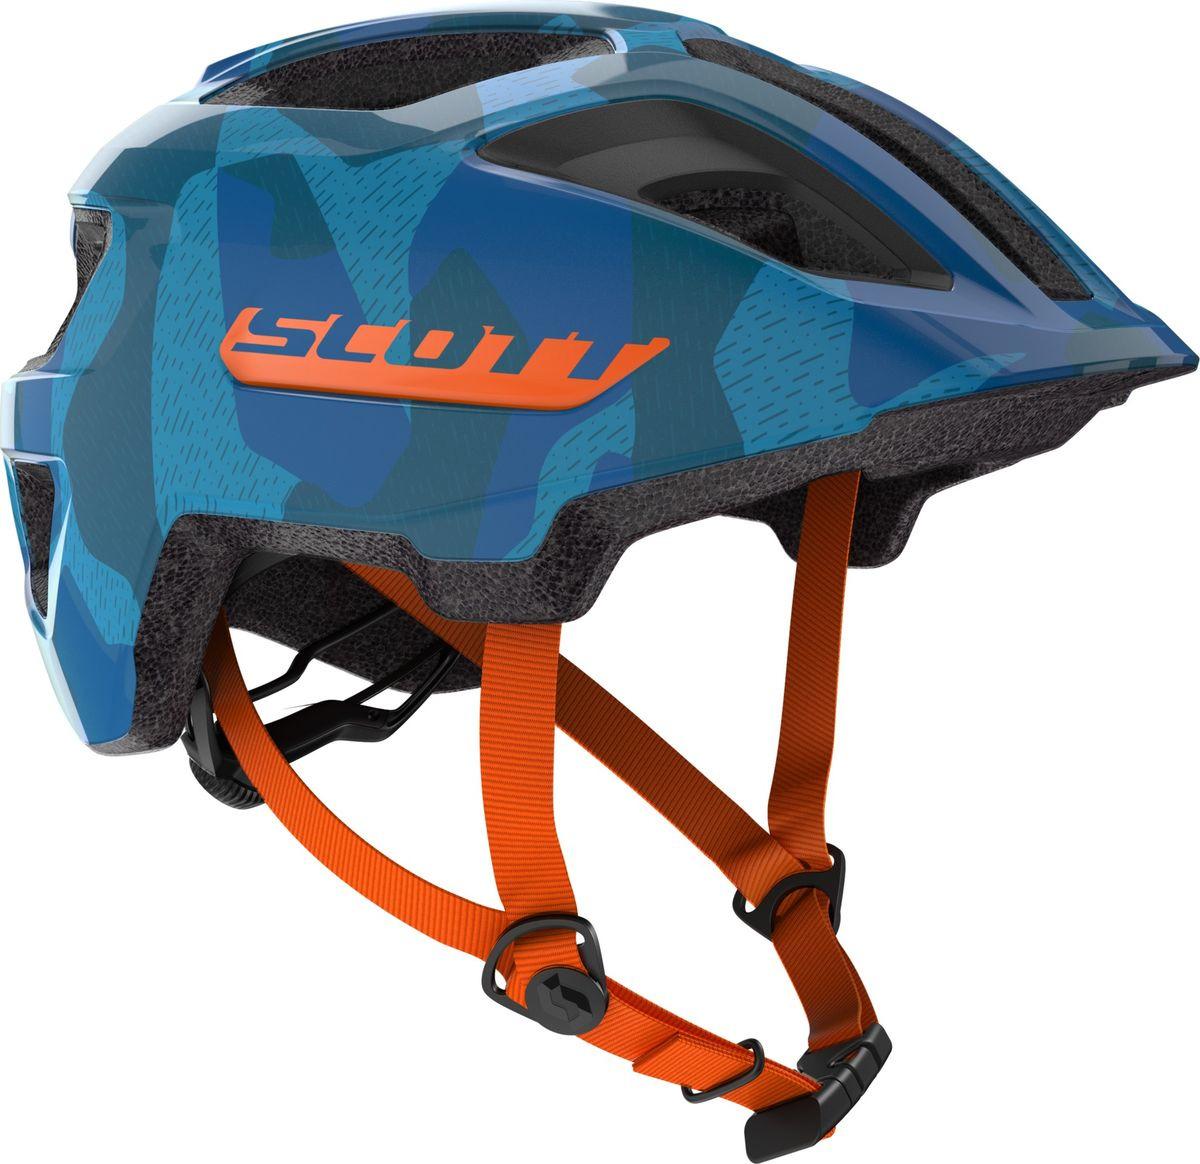 Шлем защитный Scott Spunto Junior, 270112-1454, оранжевый цена